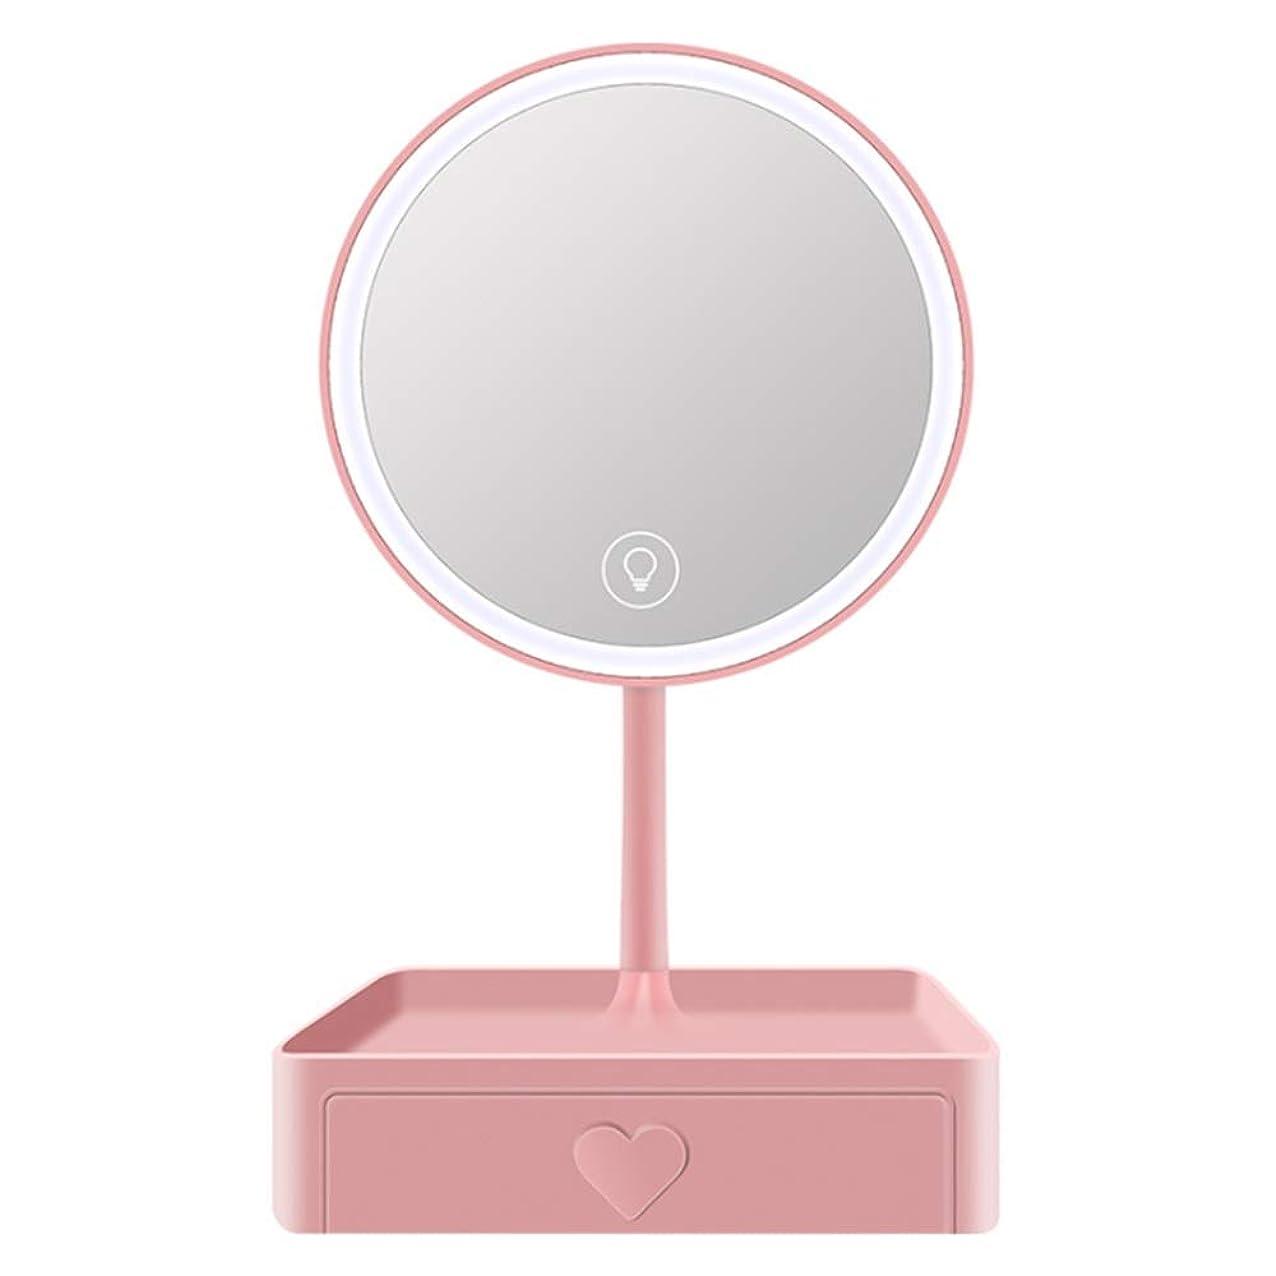 試みるバルコニーヘッジ化粧鏡 卓上化粧虚栄心5倍拡大タッチスクリーン3明るさUSB充電充電式ミラー付き収納引き出しミラー付きライト取り外し可能 (色 : ピンク, サイズ : Free size)